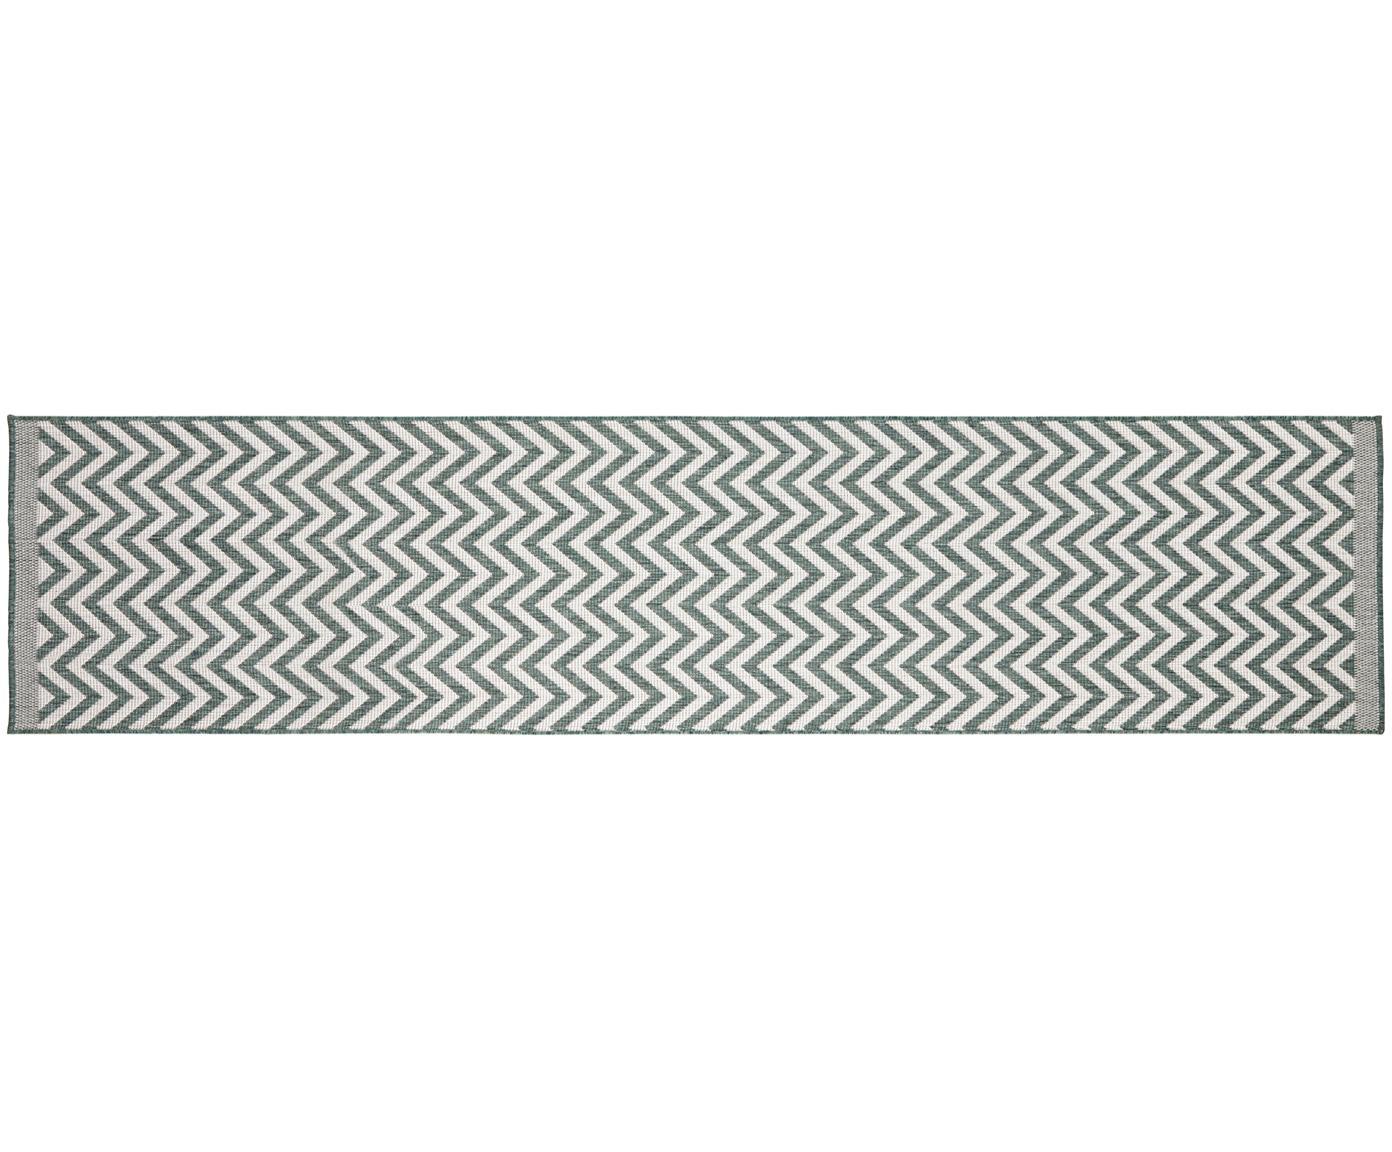 Dubbelzijdige in- & outdoor loper Palma, met zigzag patroon, Groen, crèmekleurig, 80 x 350 cm